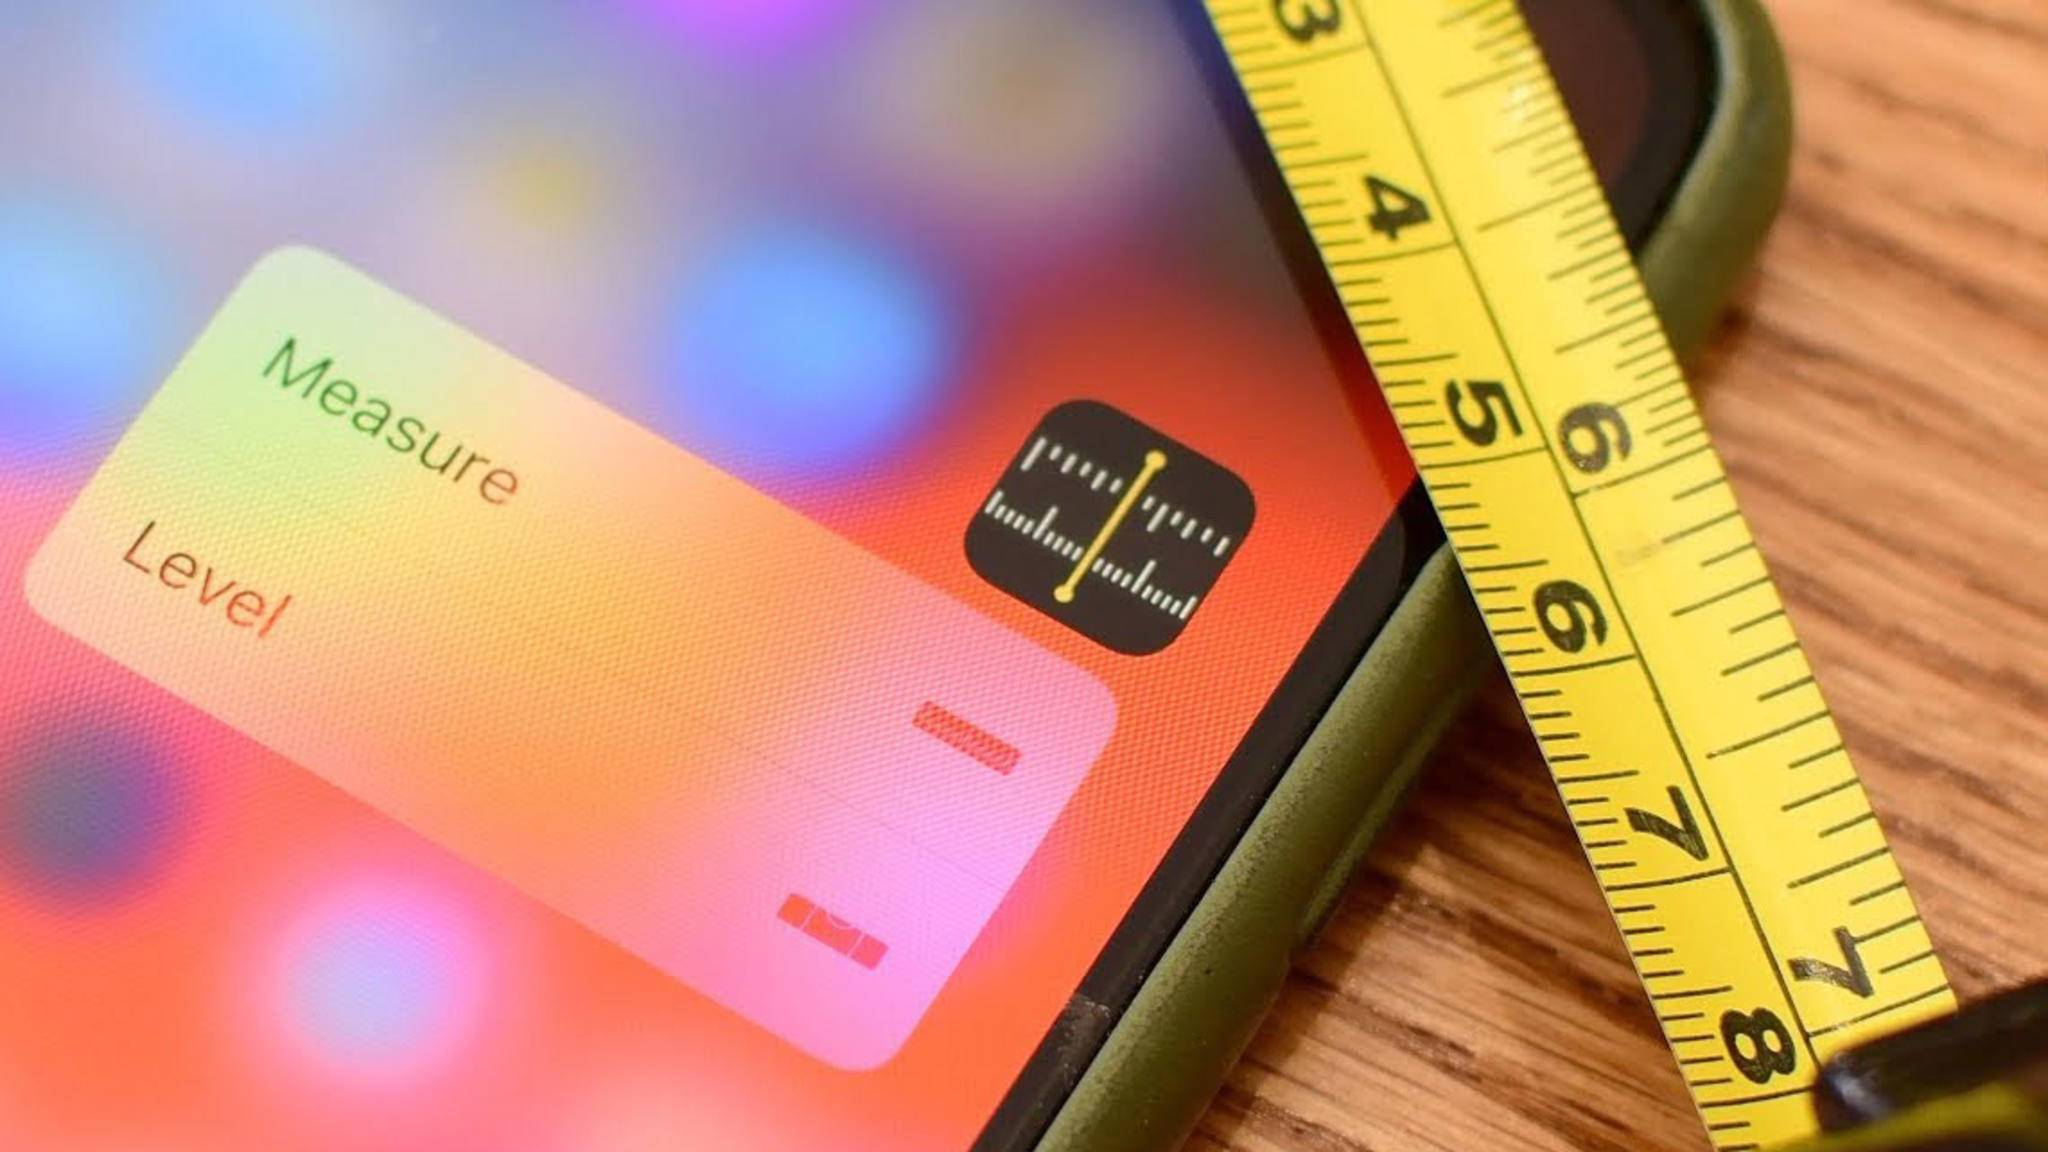 Iphone Entfernungsmesser Test : So funktioniert die neue maßband app in ios 12